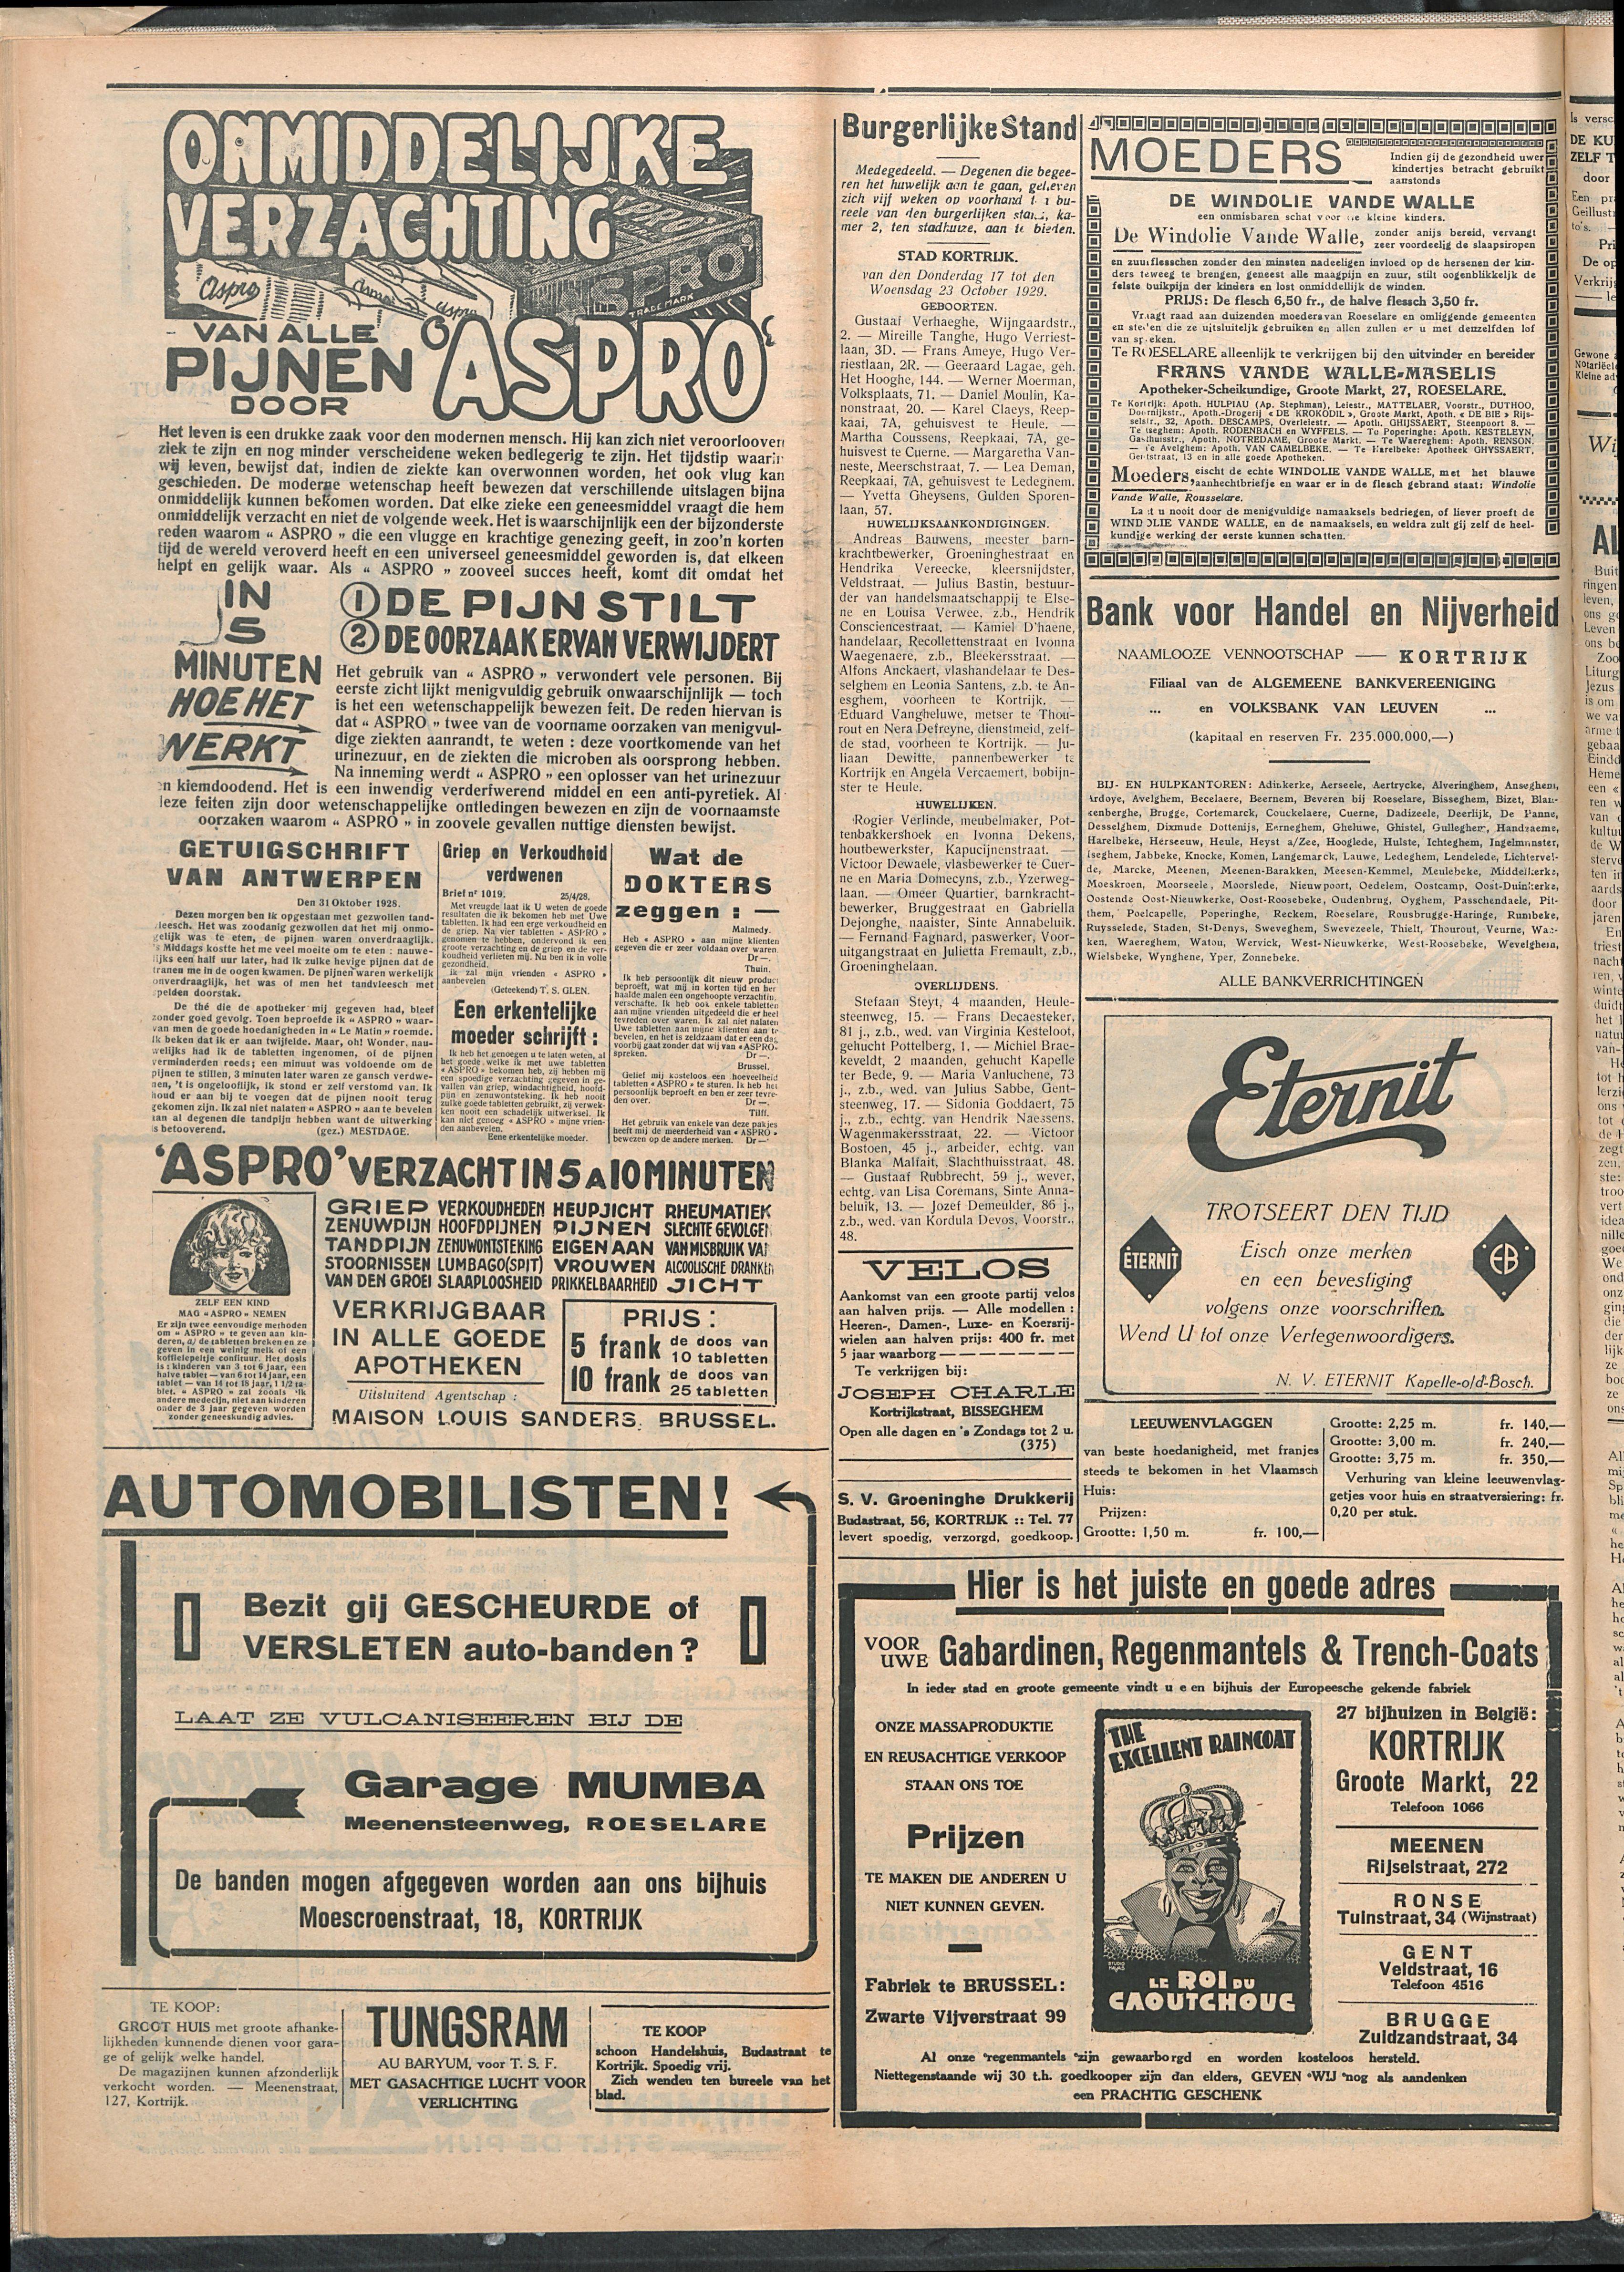 Het Kortrijksche Volk 1929-10-27 p4